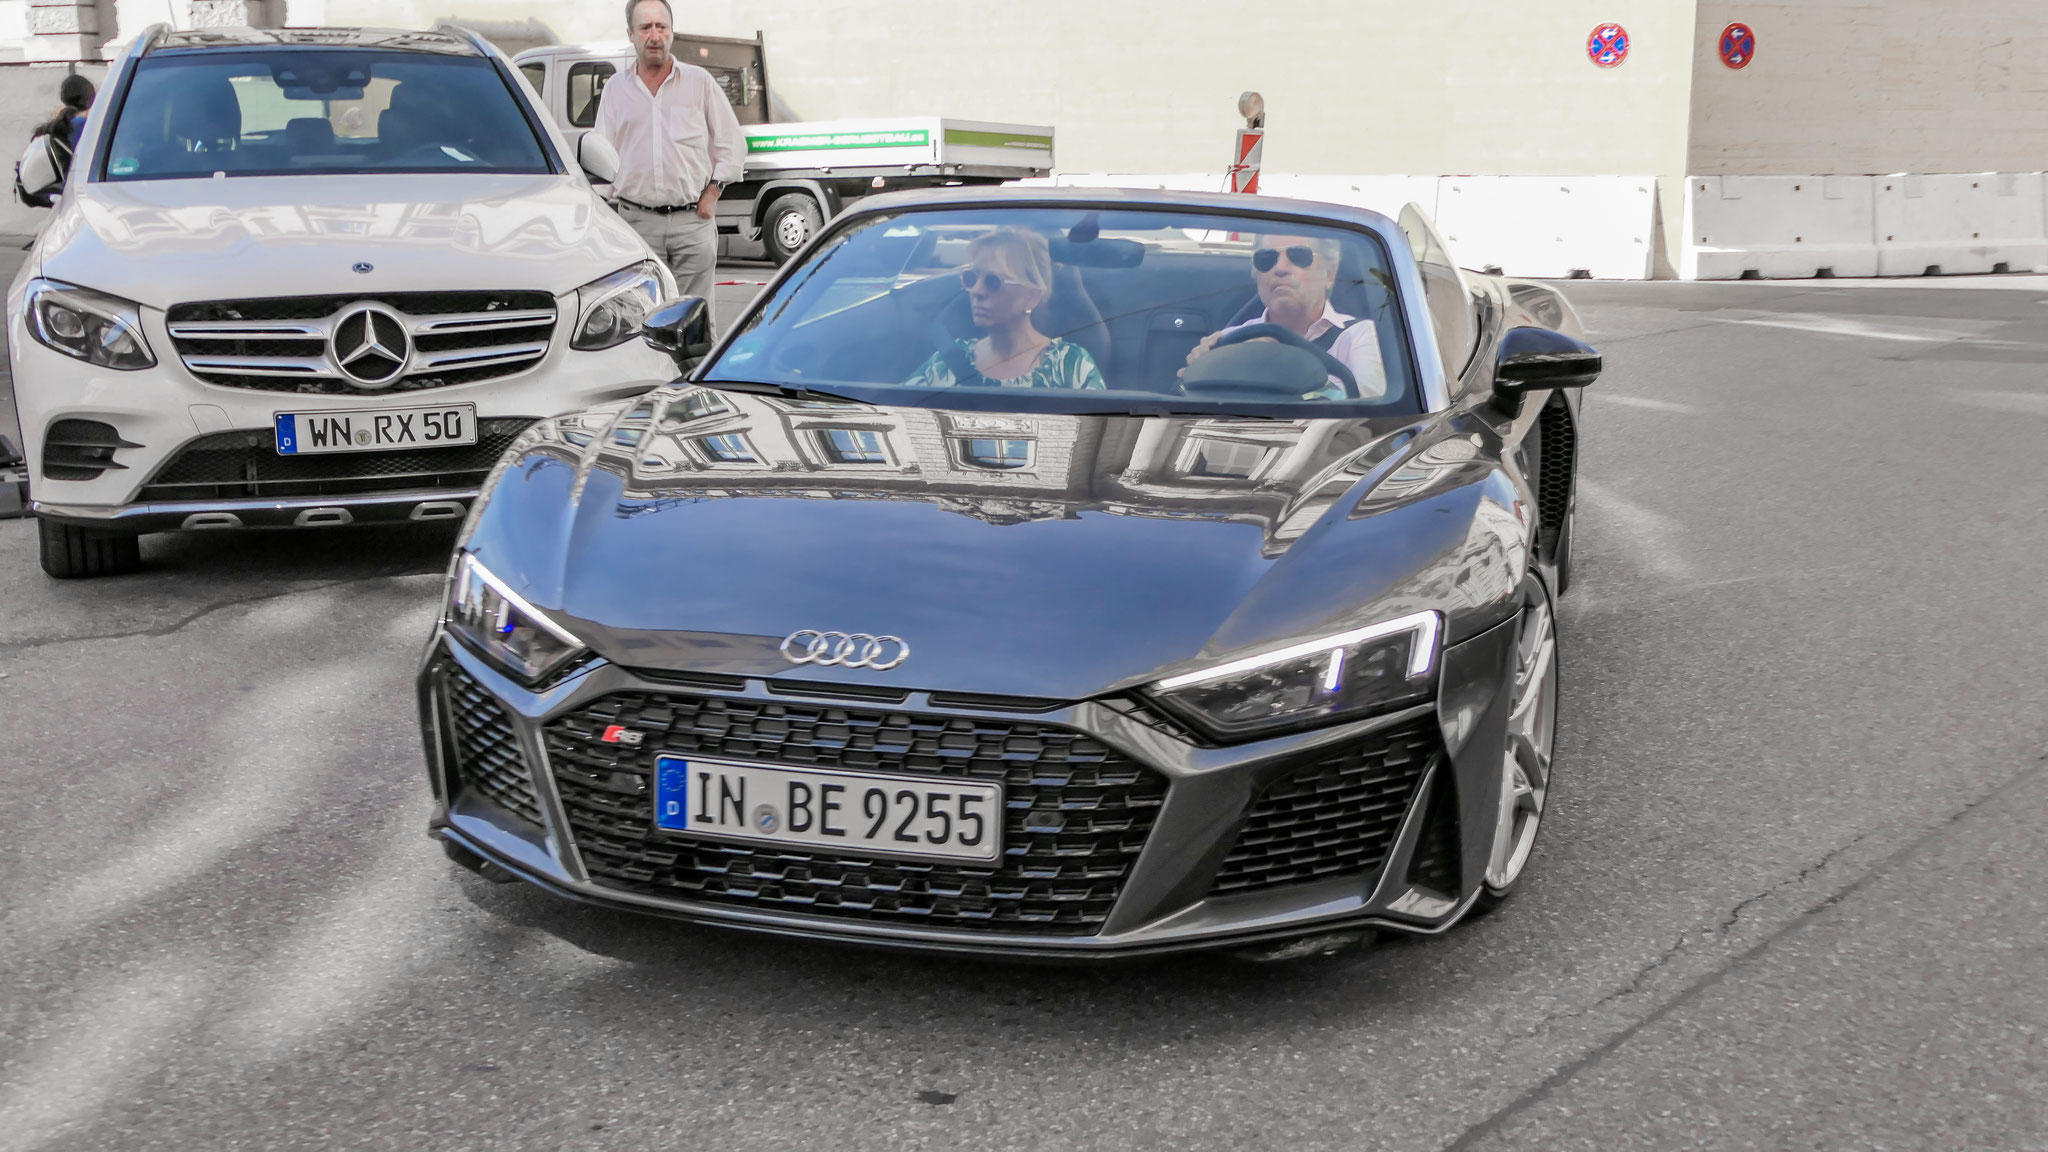 Audi R8 V10 Spyder - IN-BE-8255